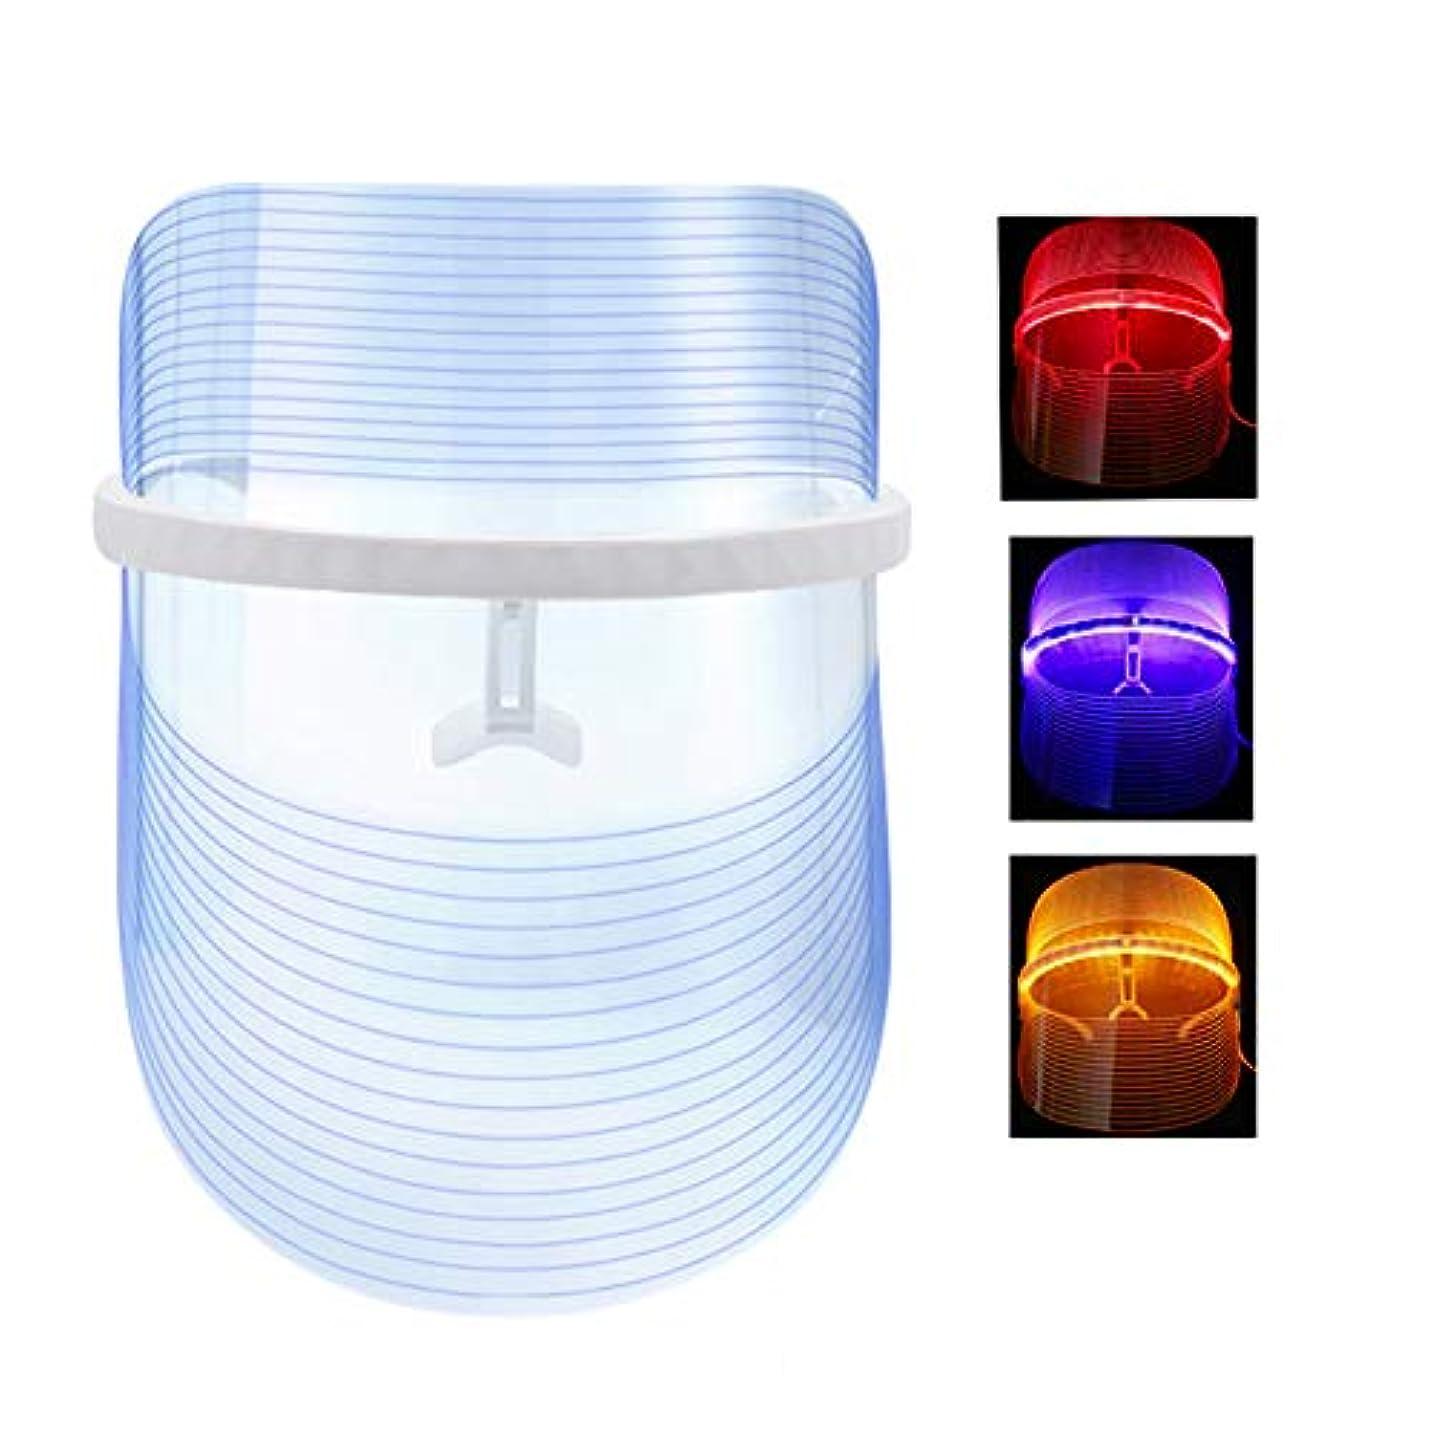 時計回り驚いた膨張する光療法フォトンマスクにきび治療フェイススキンケアの無制限セッション-個別に赤/青/オレンジのライト